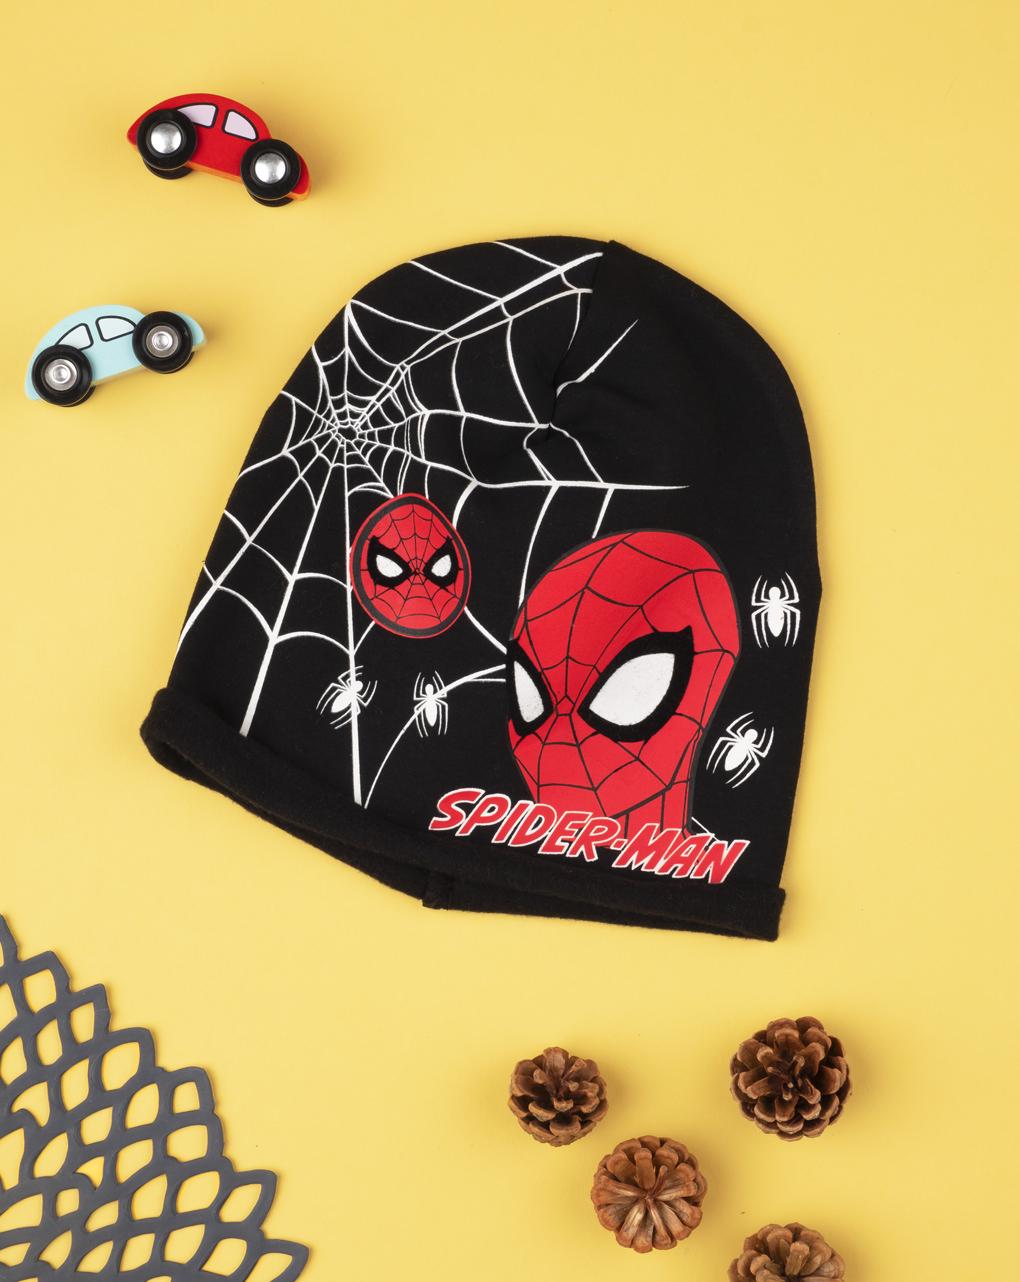 Σκουφάκι Παιδικό Spiderman για Αγόρι